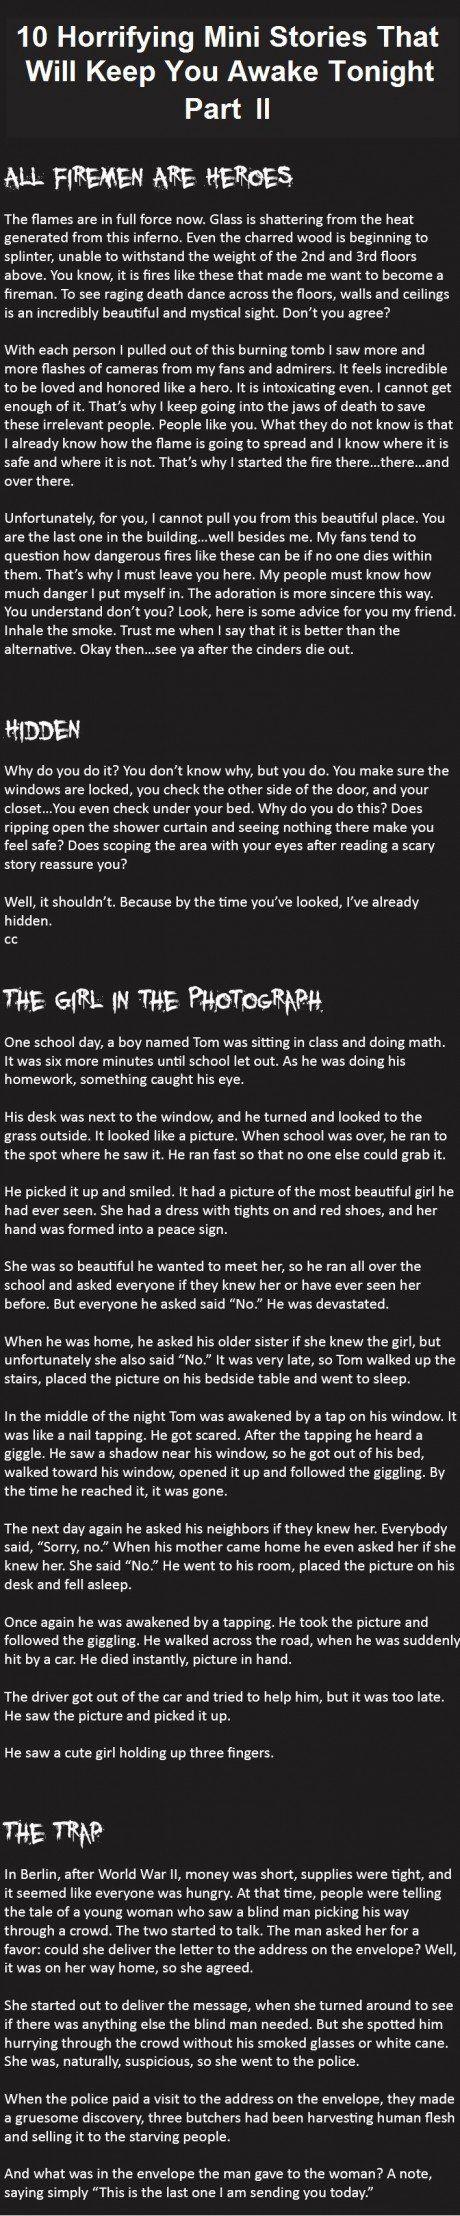 Horrifying Mini Stories 7-10